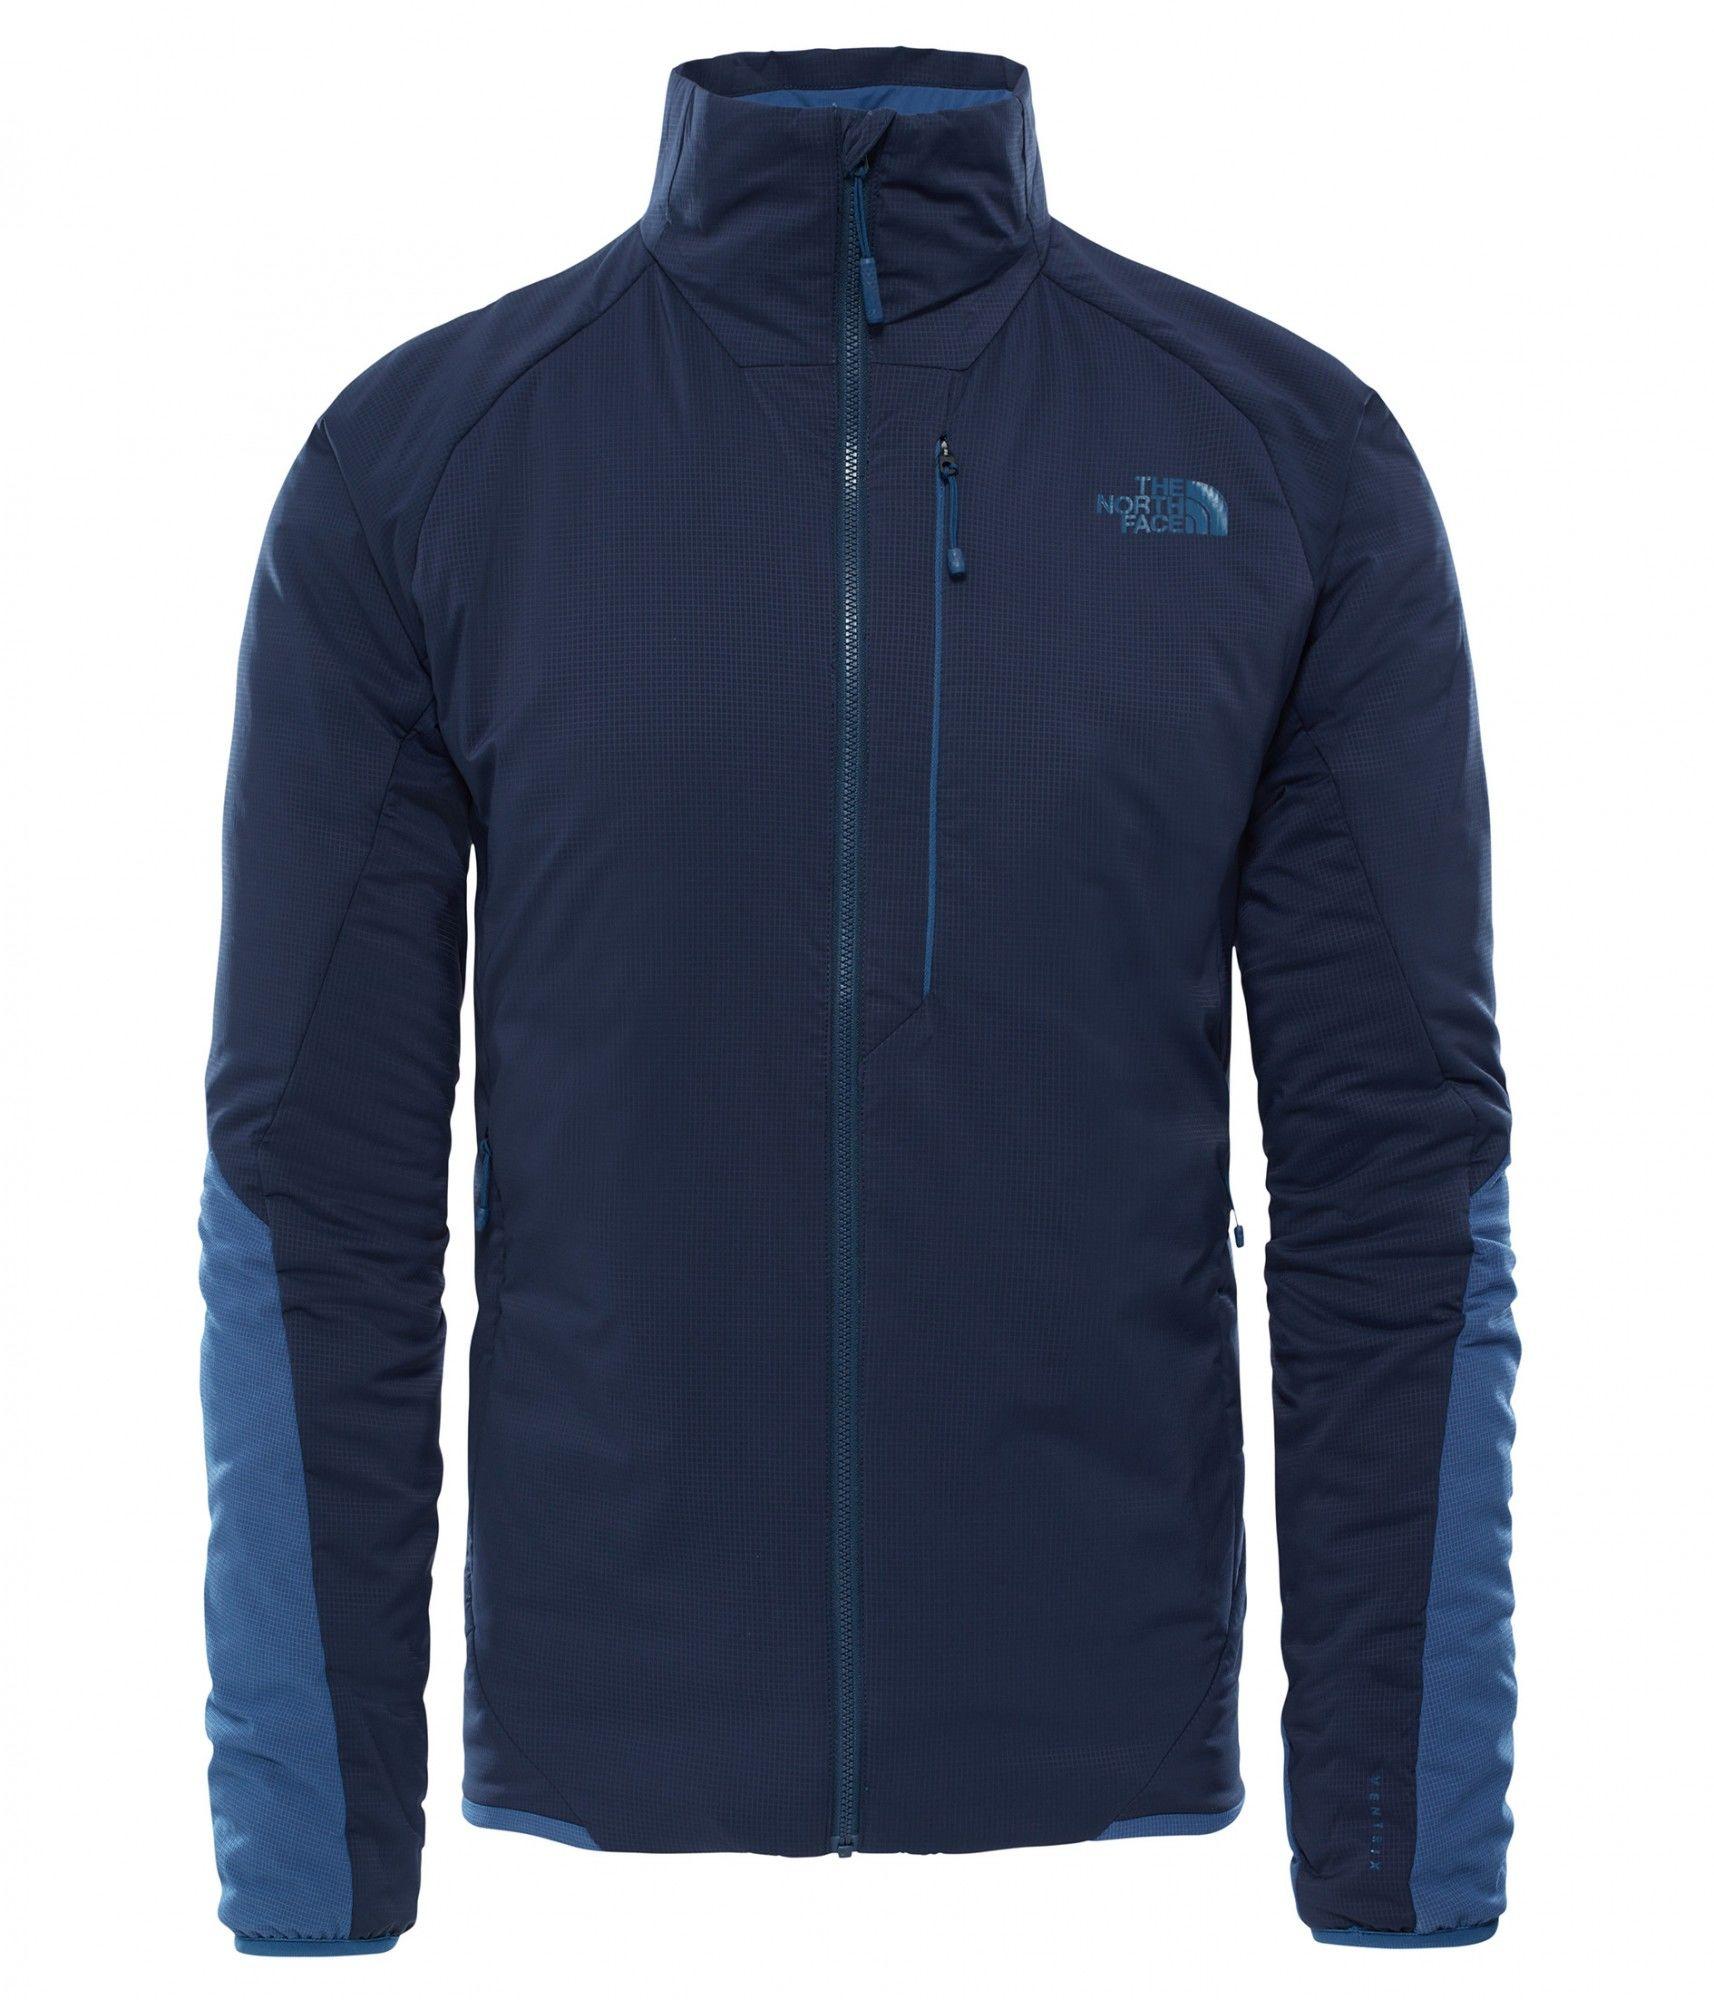 The North Face M Ventrix Jacket | Größe S,M,L,XL,XXL | Herren Isolationsjacke